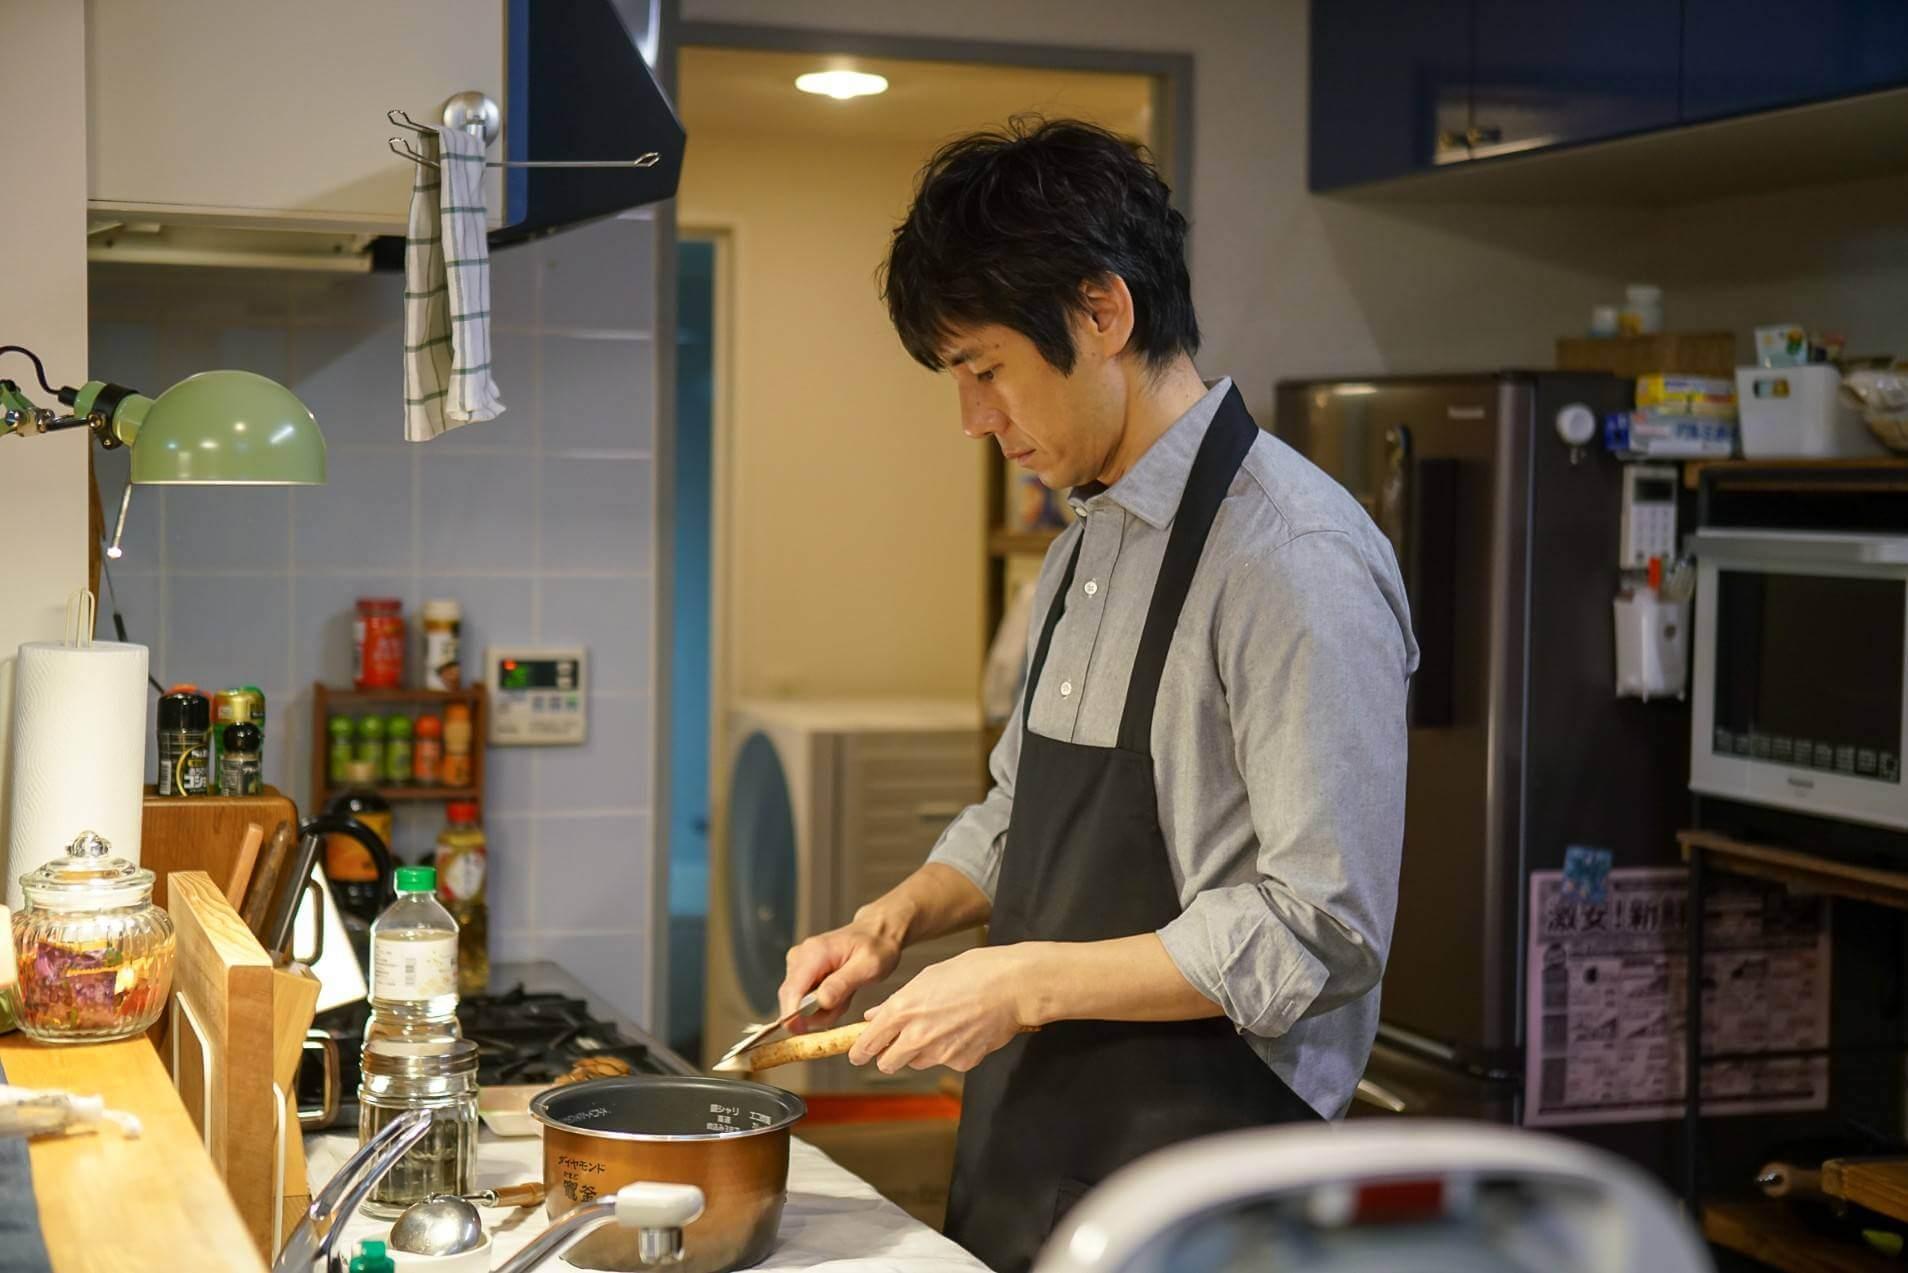 跟著男神做料理! 《昨日的美食》不負責任食譜集合~ 手殘人也有廚藝